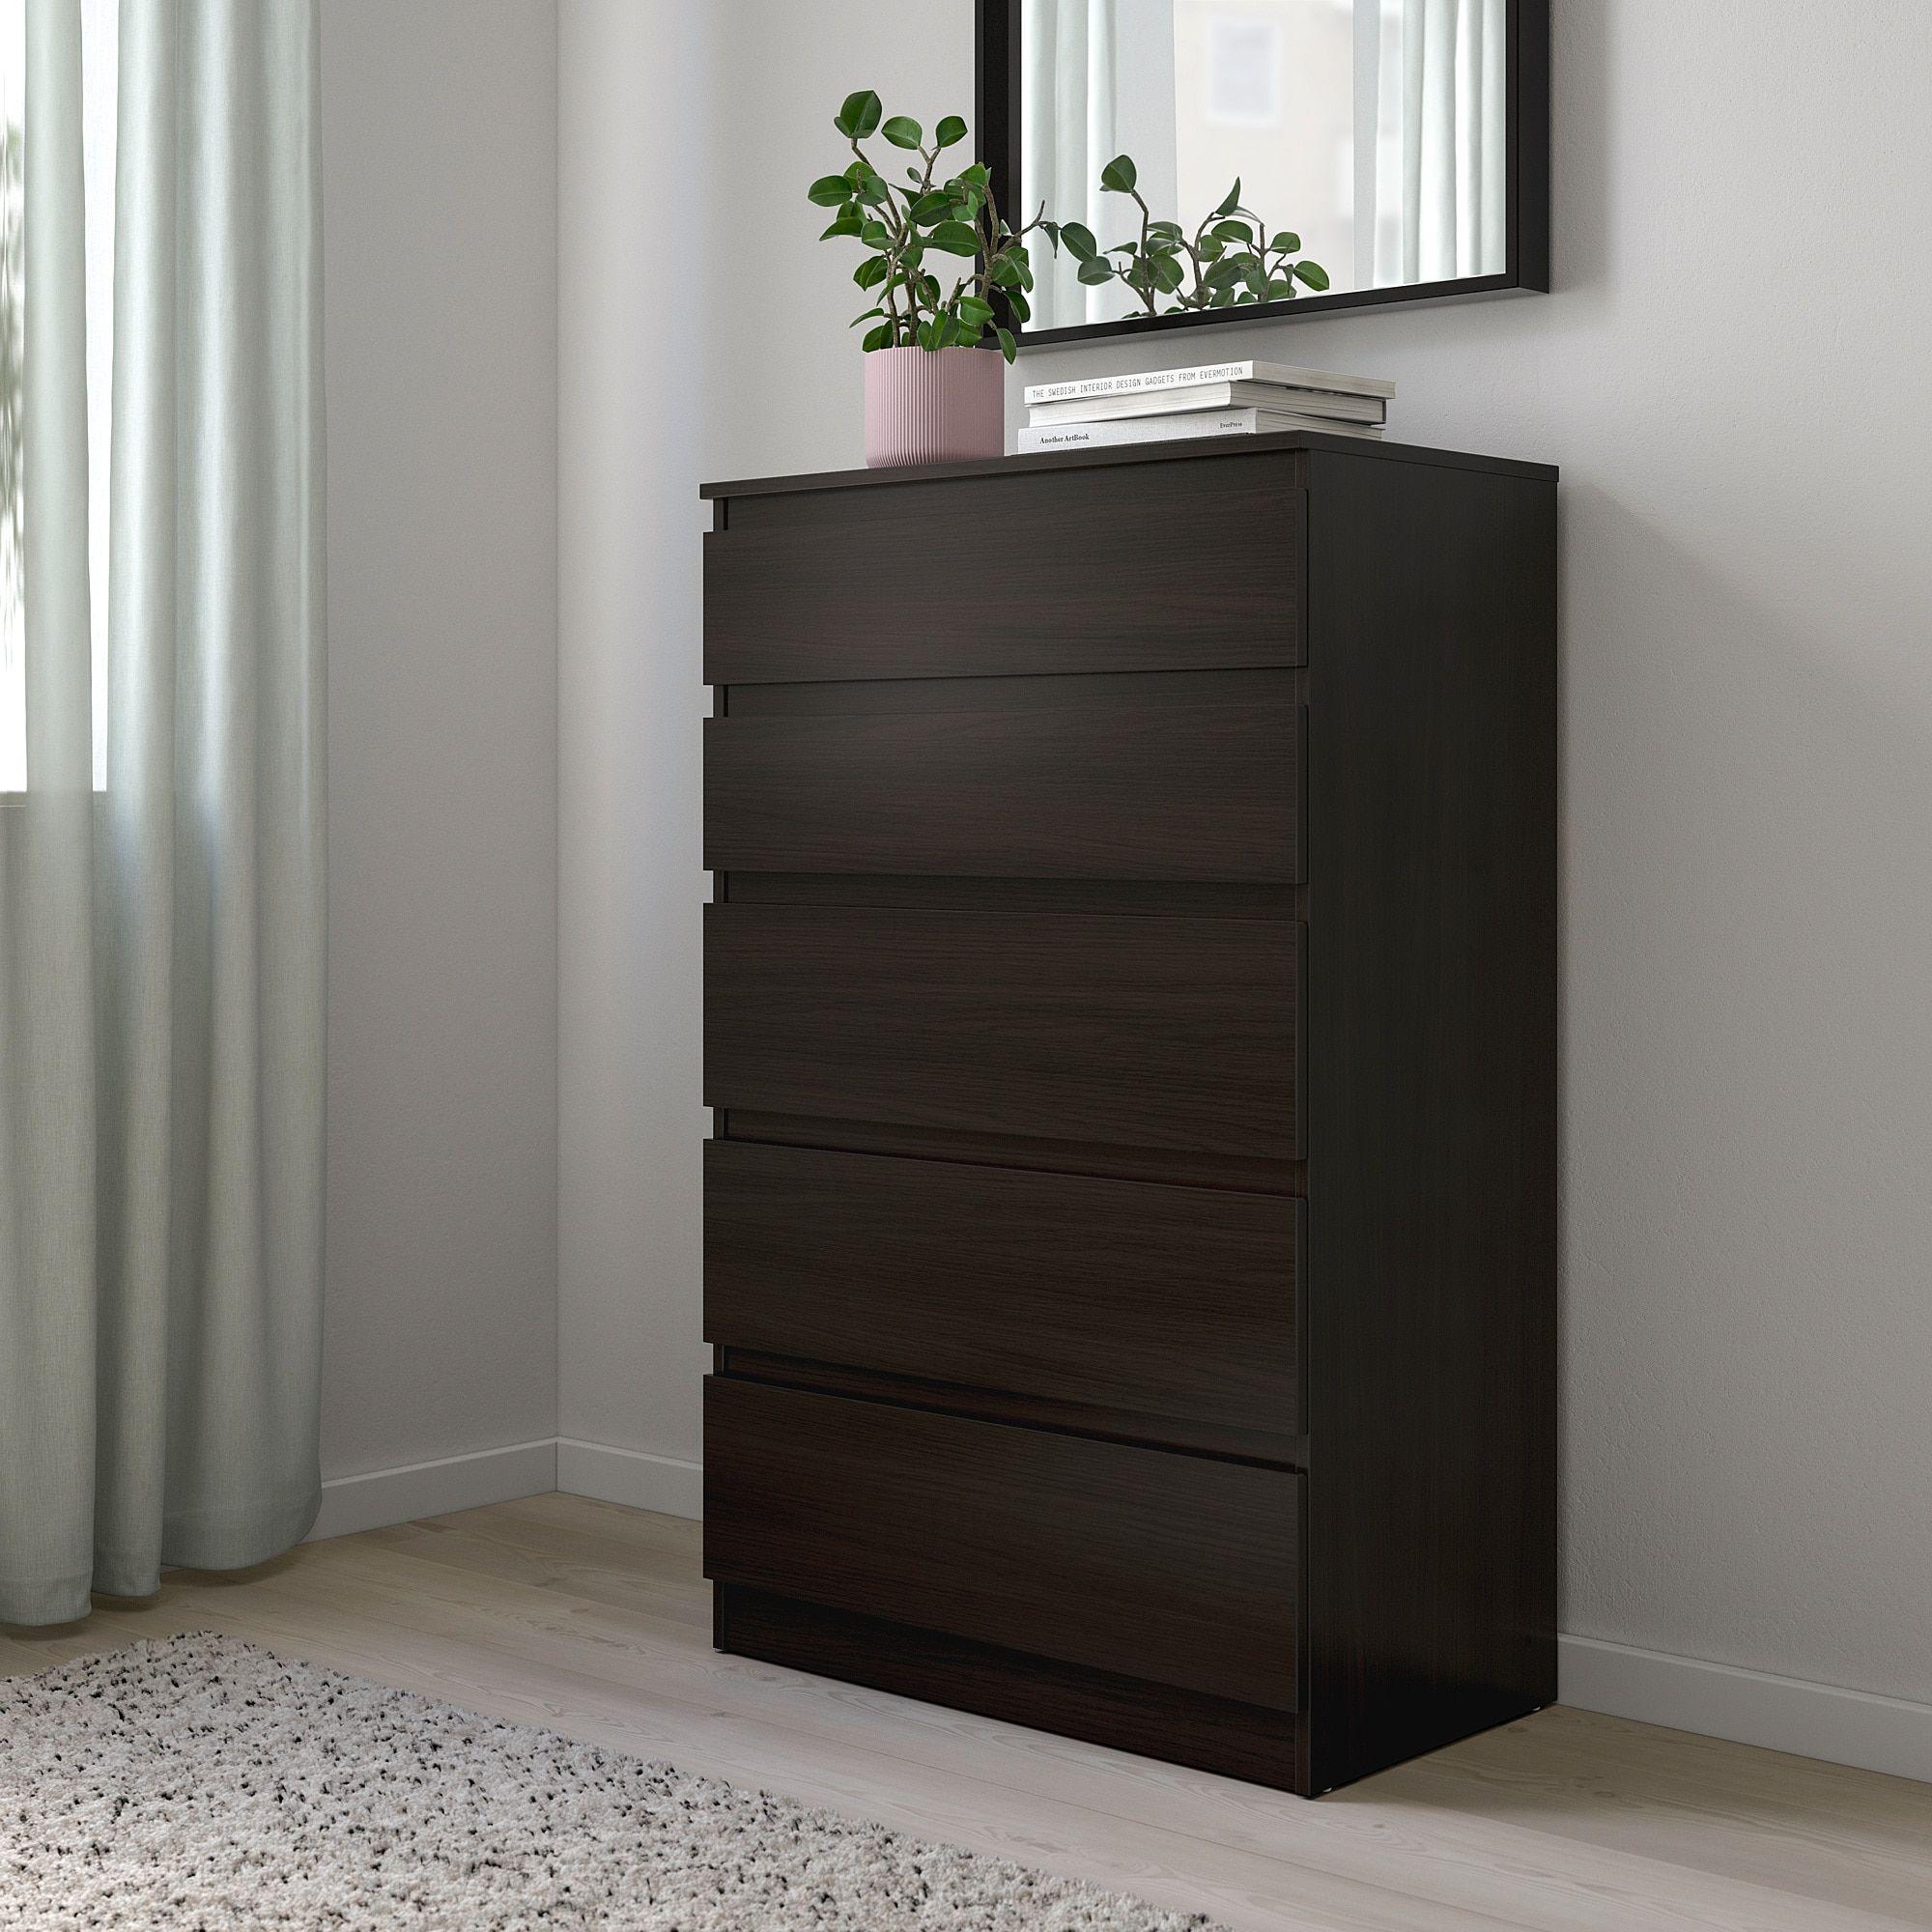 Best Ikea Kullen 5 Drawer Chest Black Brown In 2020 5 400 x 300